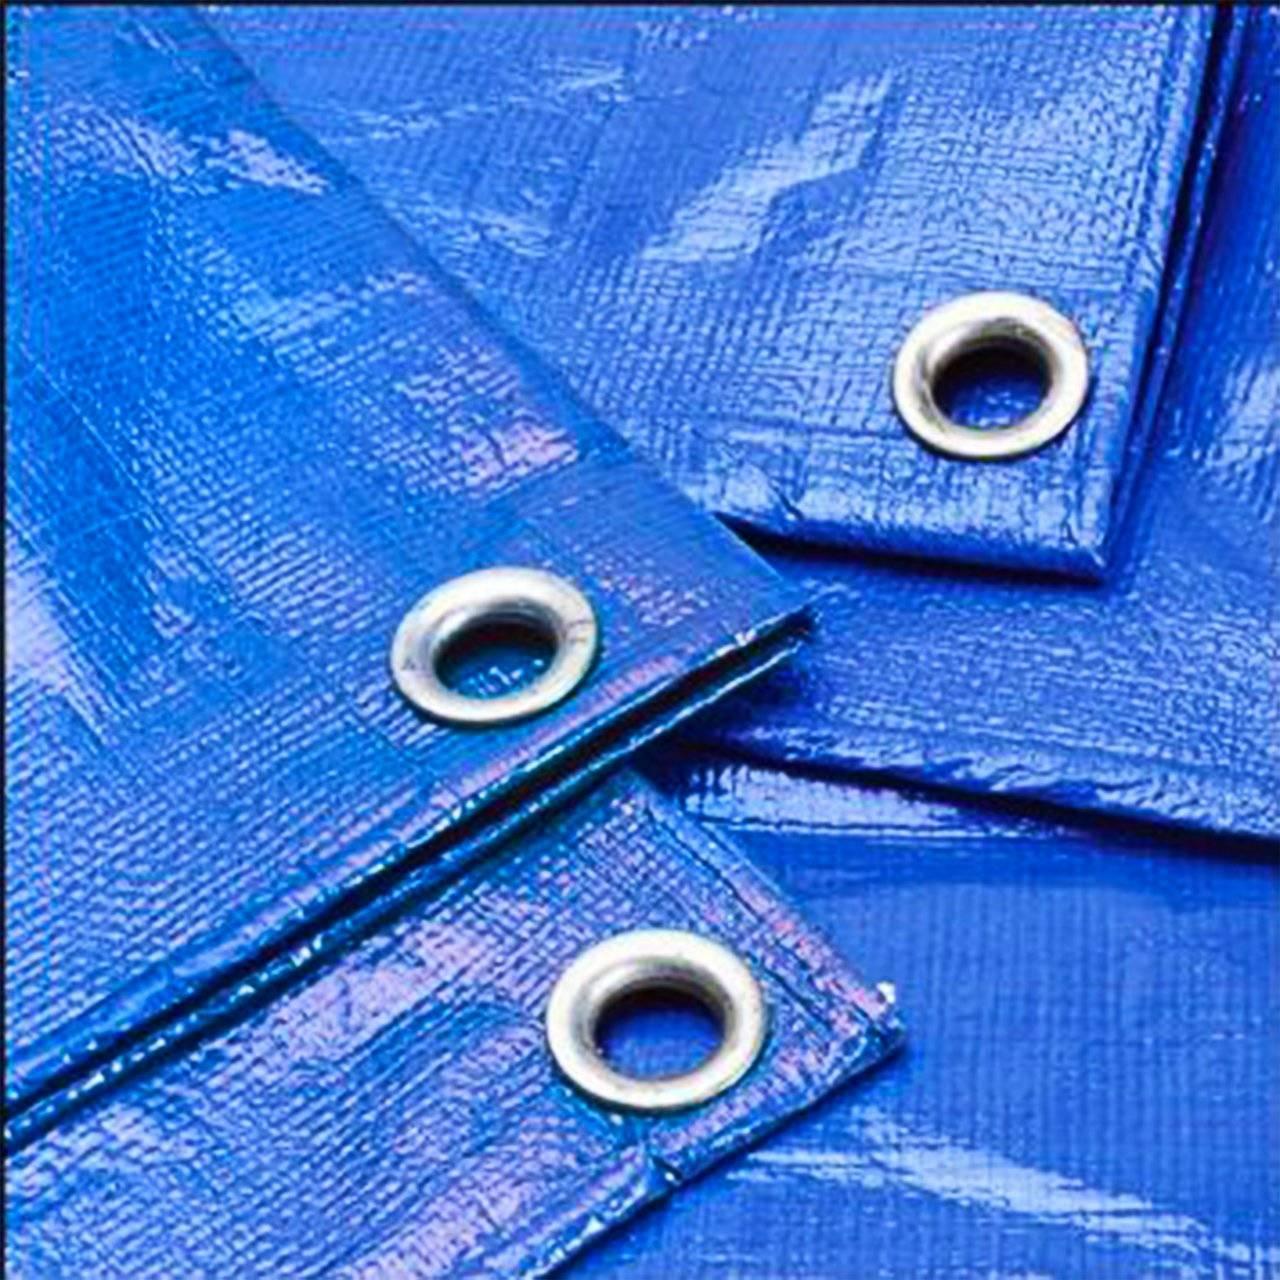 Тент тарпаулин 10x12 (синий) плотность 55гр/м2